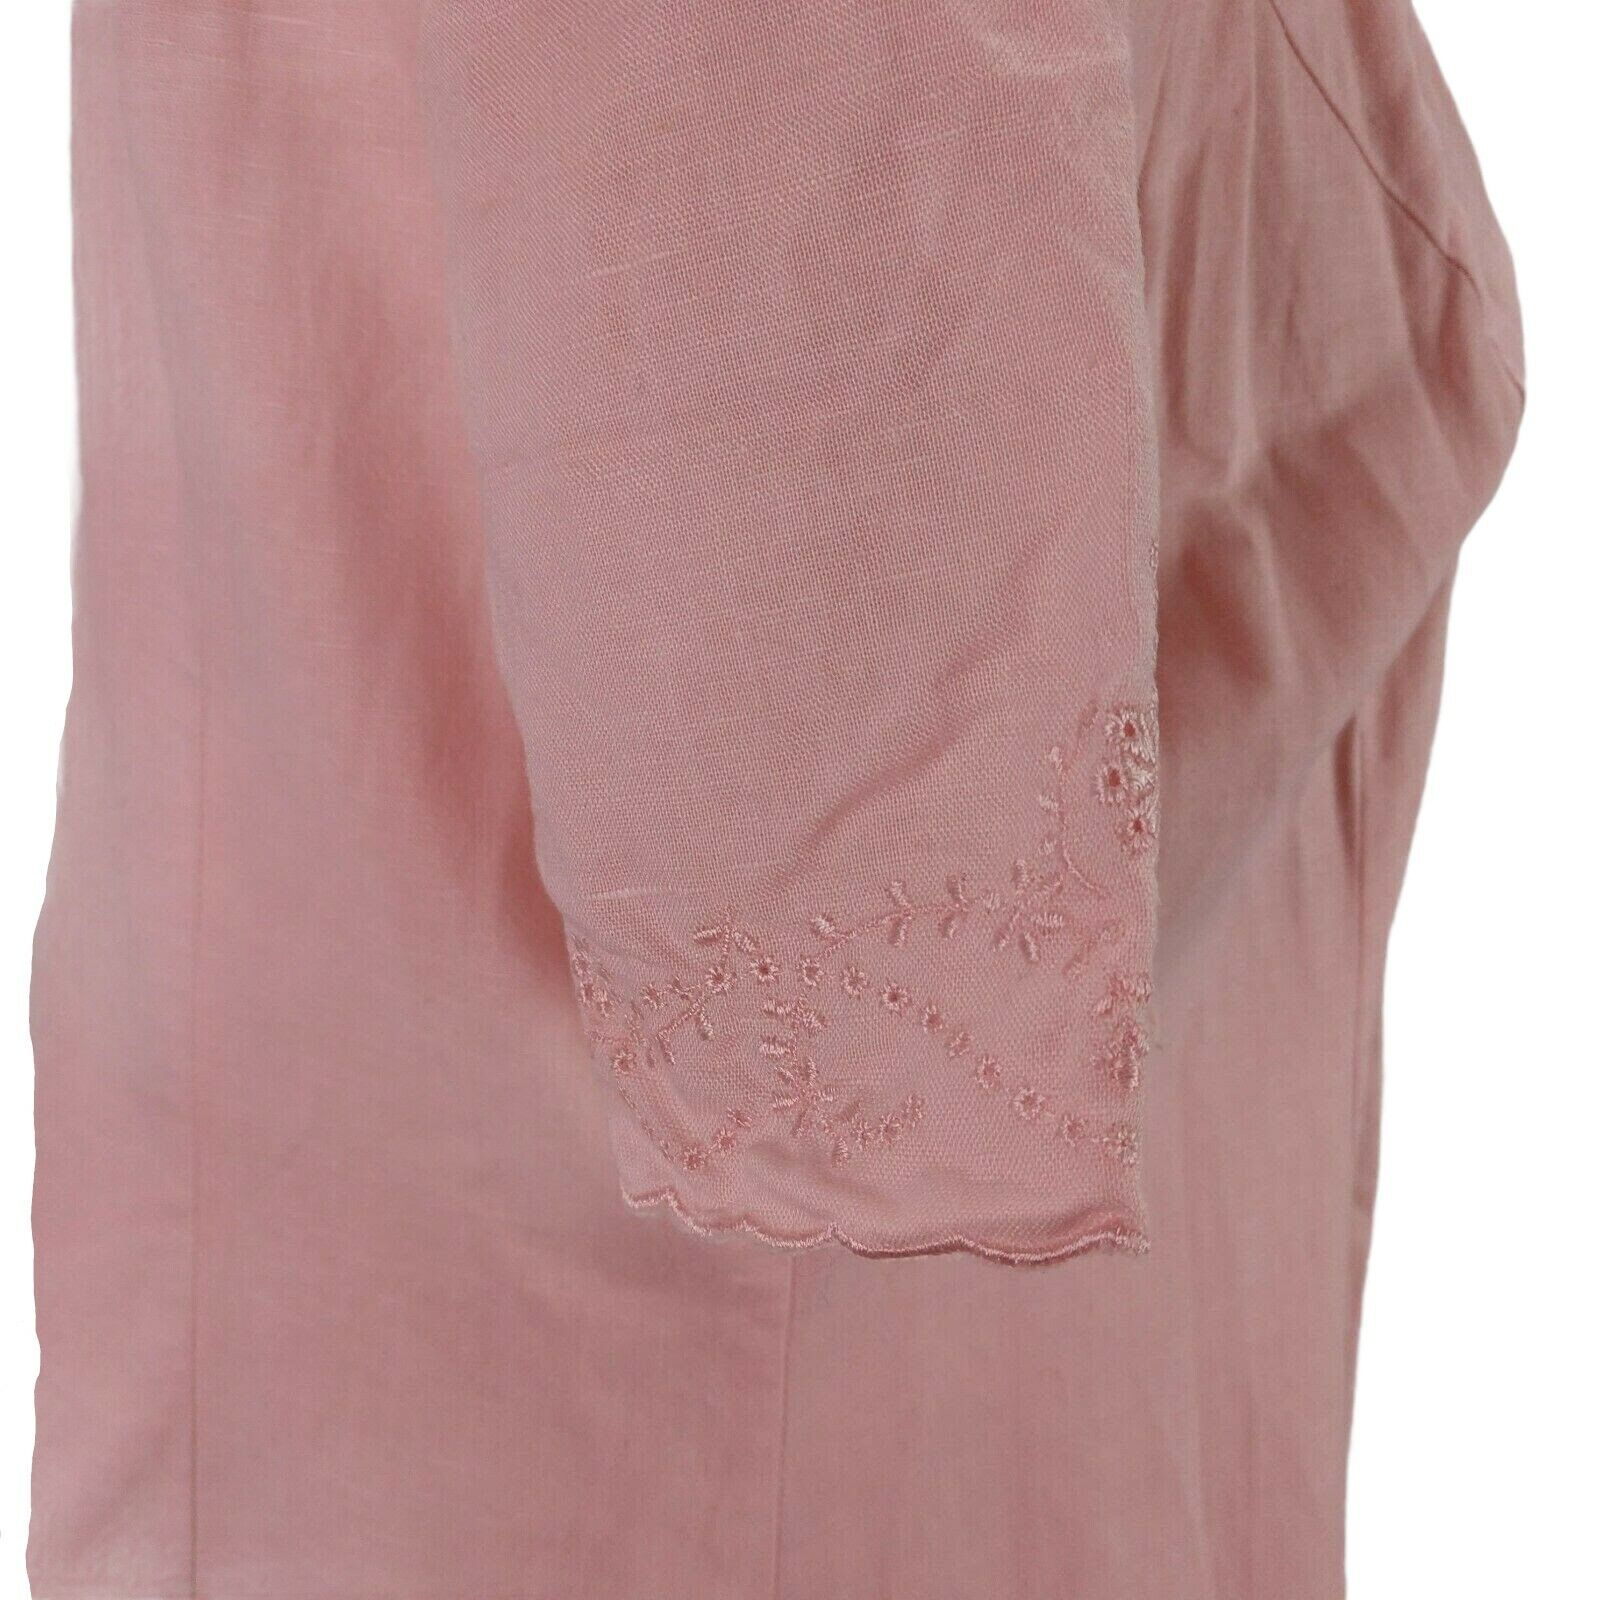 Vintage Laura Ashley Linen Eyelet Dress Size 14 P… - image 7